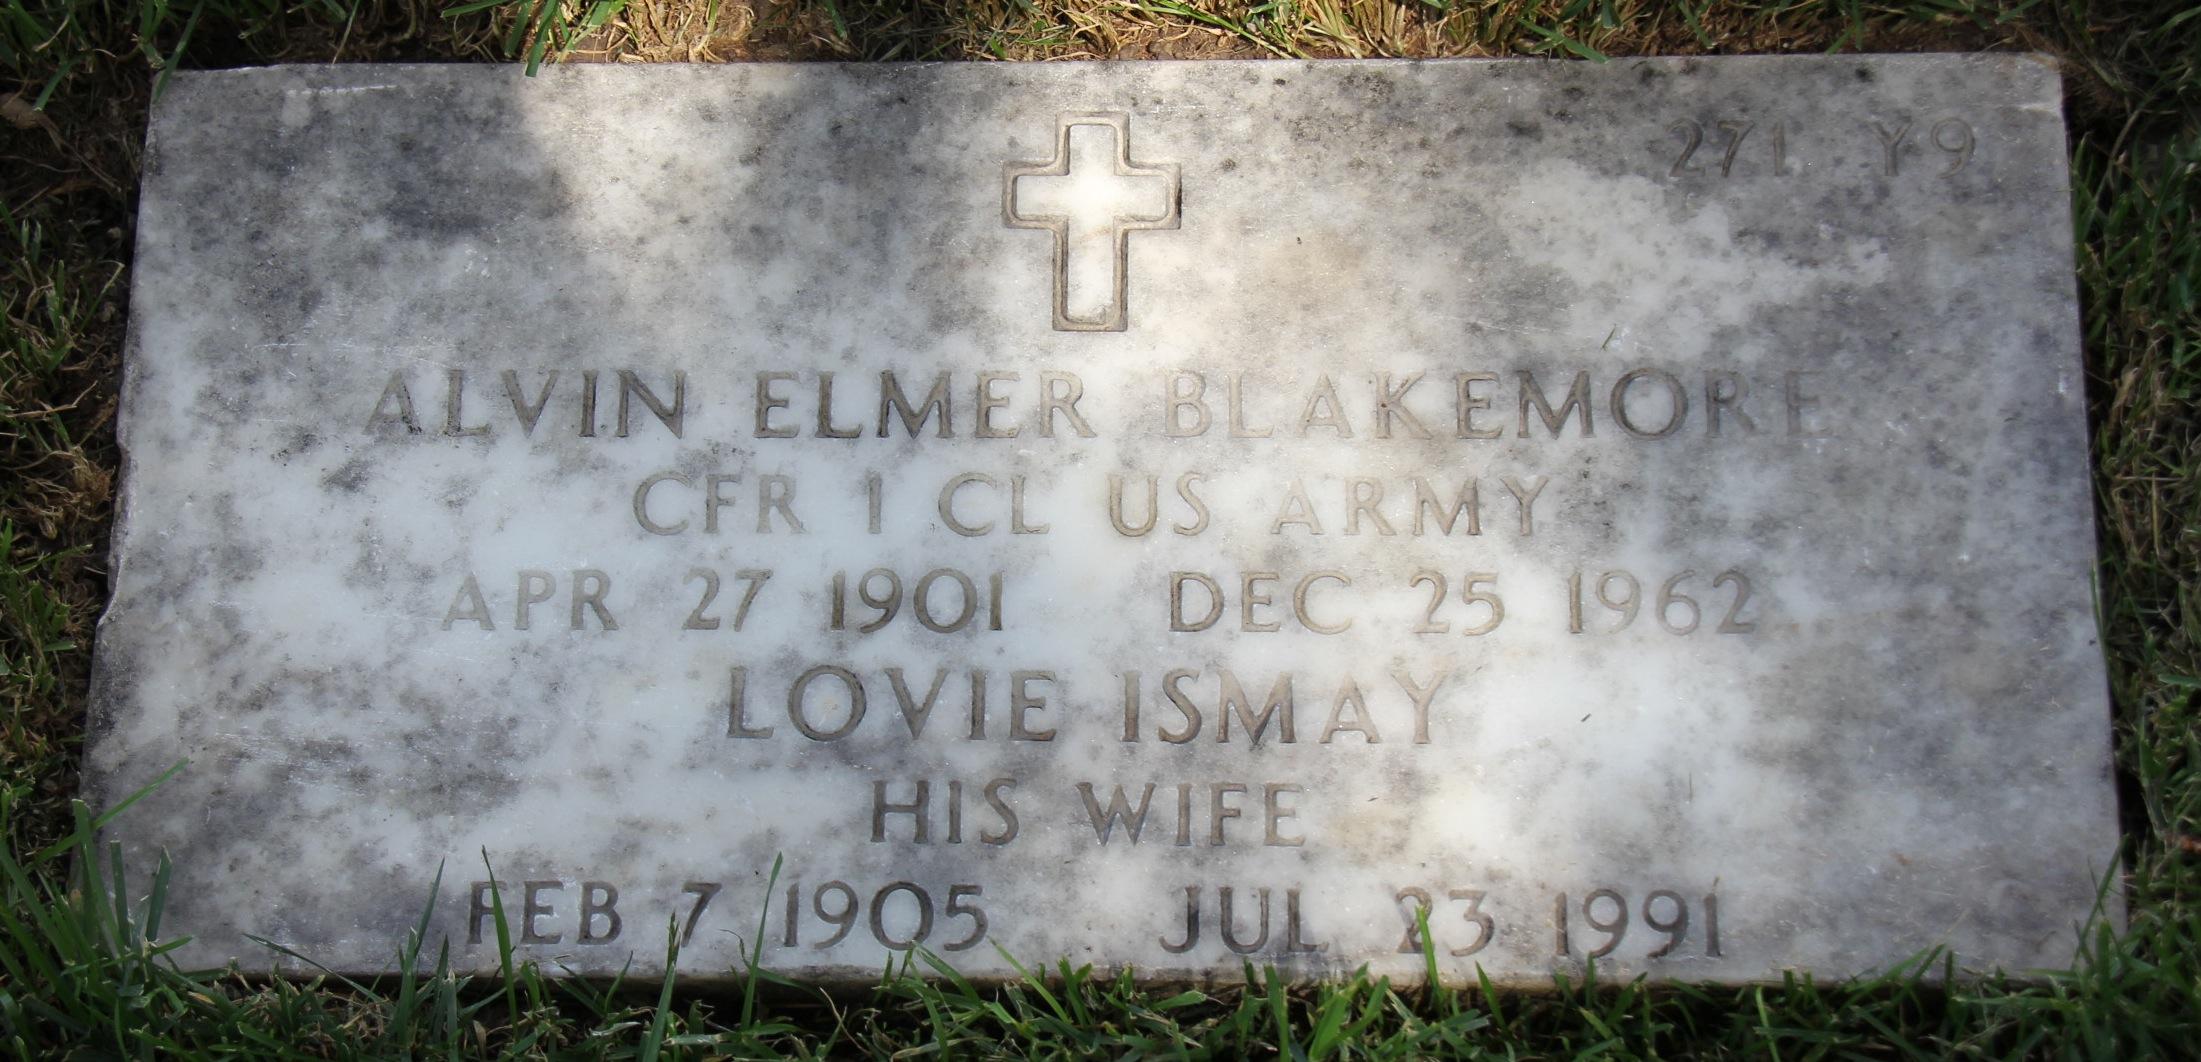 Alvin Elmer Blakemore